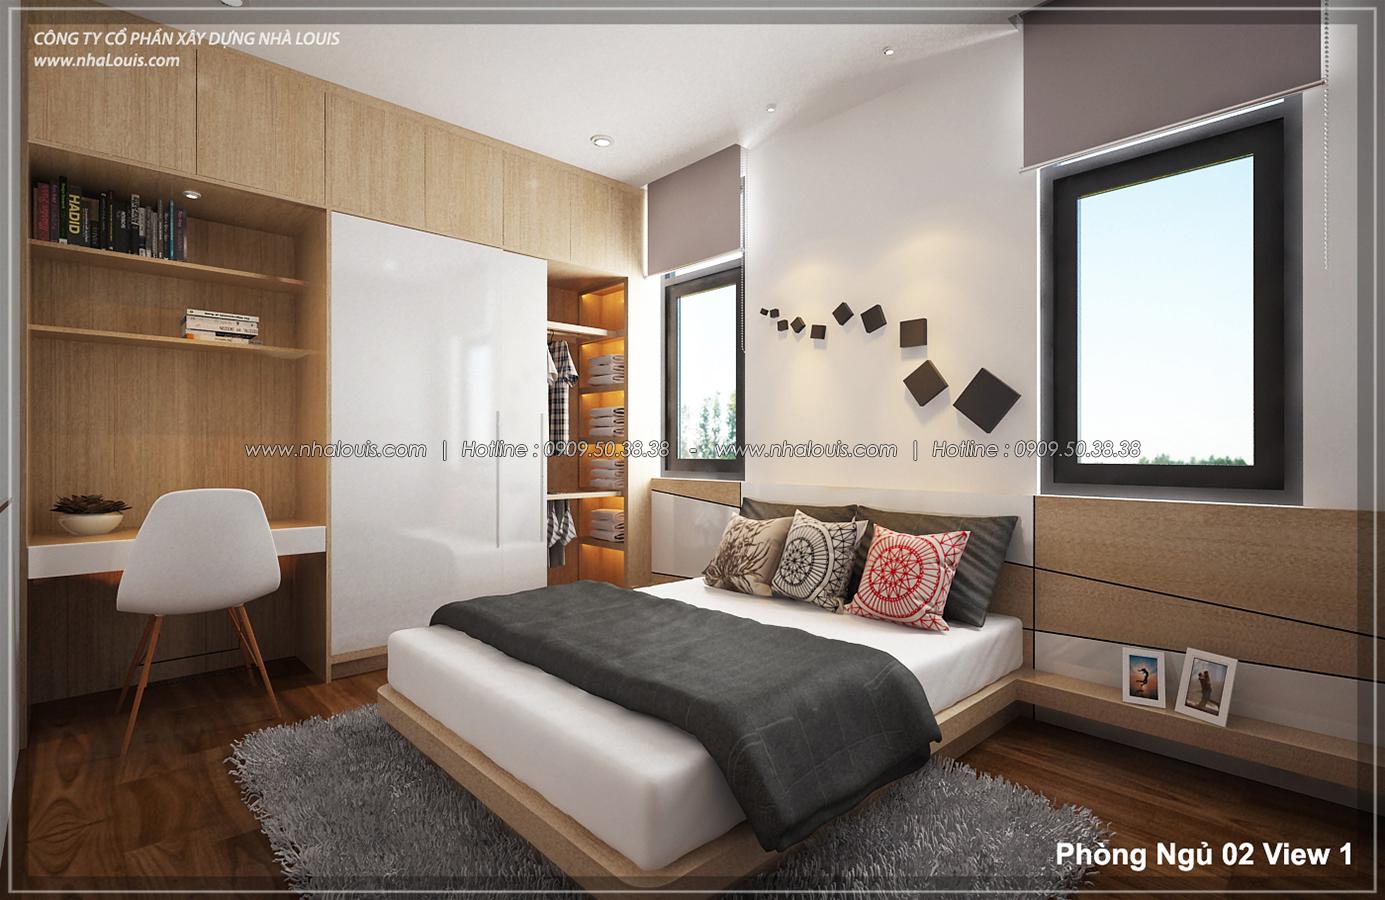 Thiết kế biệt thự 3 tầng đẹp đẳng cấp ngay tại dự án Lucasta Villa Quận 9 - 29